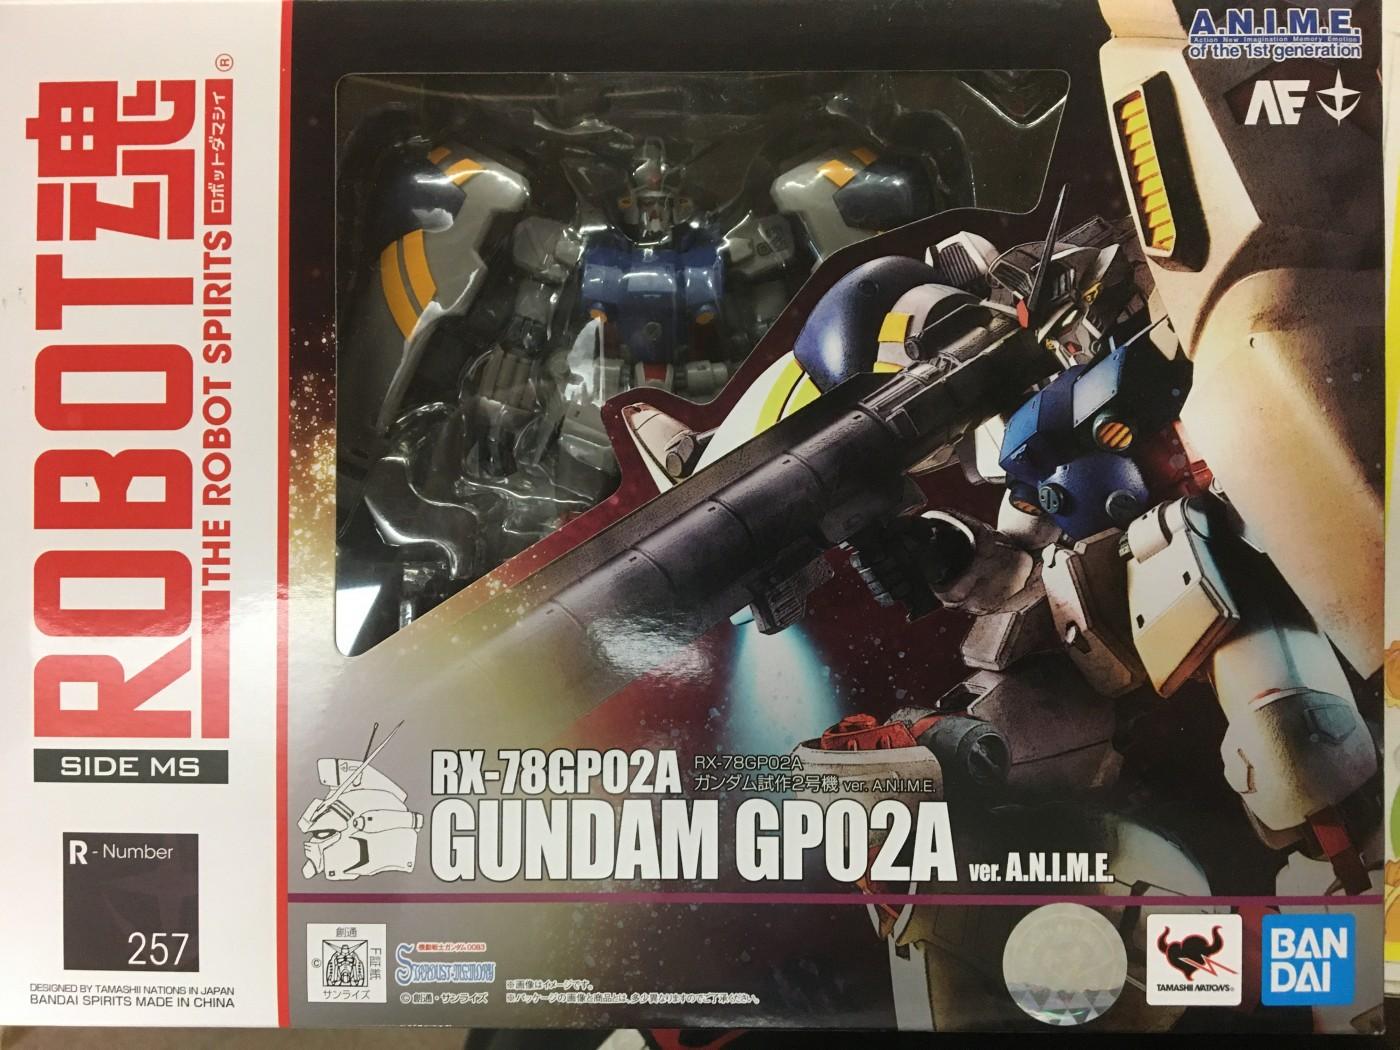 買取情報『BANDAI(バンダイ)のRX-78GP02A ガンダム試作2号機 ver. A.N.I.M.E.』